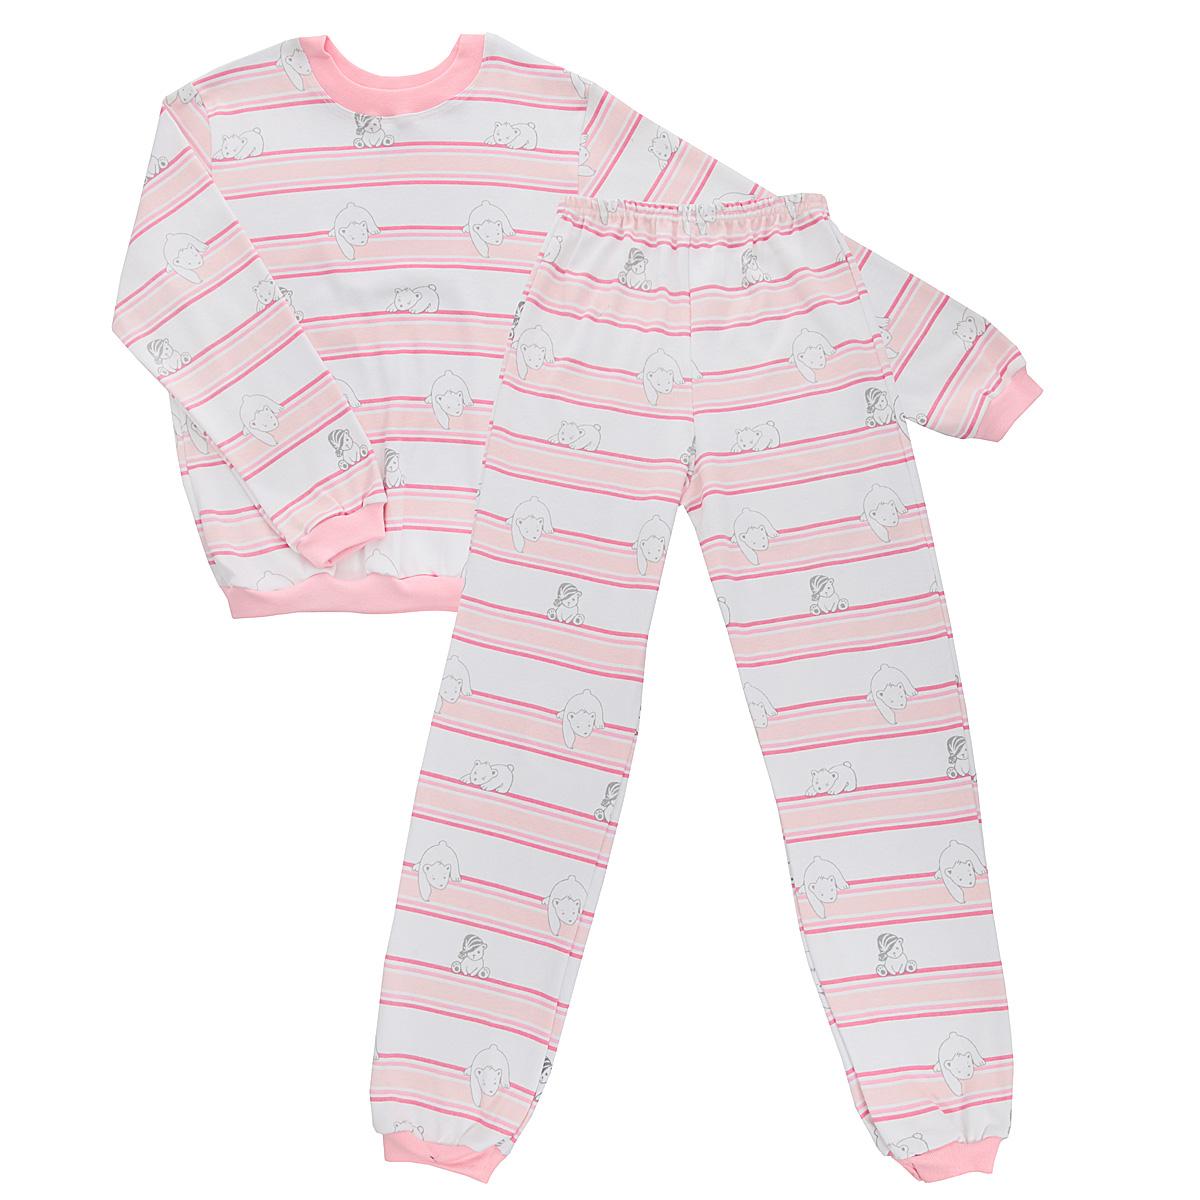 Пижама детская Трон-плюс, цвет: белый, розовый. 5555_мишка. Размер 80/86, 1-2 года5555_мишкаУютная детская пижама Трон-плюс, состоящая из джемпера и брюк, идеально подойдет вашему ребенку и станет отличным дополнением к детскому гардеробу. Изготовленная из интерлока, она необычайно мягкая и легкая, не сковывает движения, позволяет коже дышать и не раздражает даже самую нежную и чувствительную кожу ребенка. Трикотажный джемпер с длинными рукавами имеет круглый вырез горловины. Низ изделия, рукава и вырез горловины дополнены эластичной трикотажной резинкой контрастного цвета.Брюки на талии имеют эластичную резинку, благодаря чему не сдавливают живот ребенка и не сползают. Низ брючин дополнен широкими эластичными манжетами контрастного цвета.Оформлено изделие оригинальным принтом с изображением белых мишек и цветных полос. В такой пижаме ваш ребенок будет чувствовать себя комфортно и уютно во время сна.